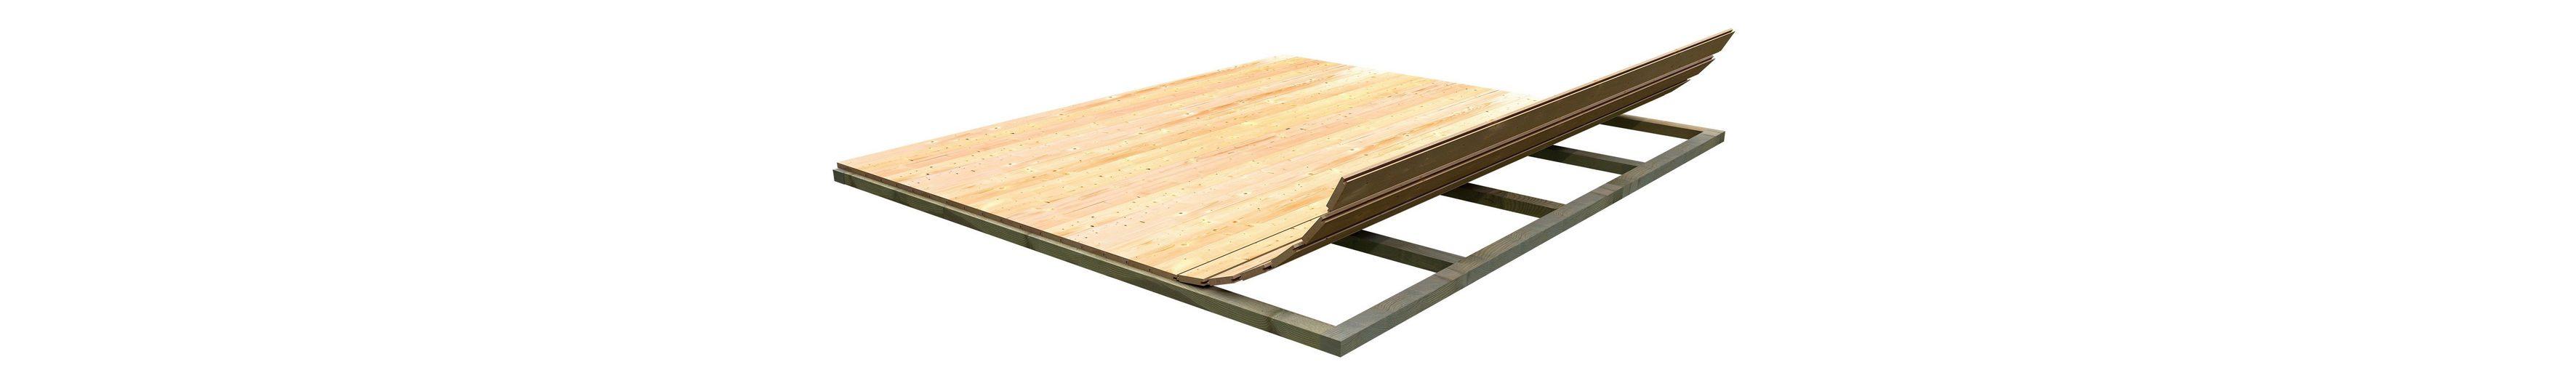 Fußboden für Gartenhäuser »(BxT: 396 x 343 cm)«